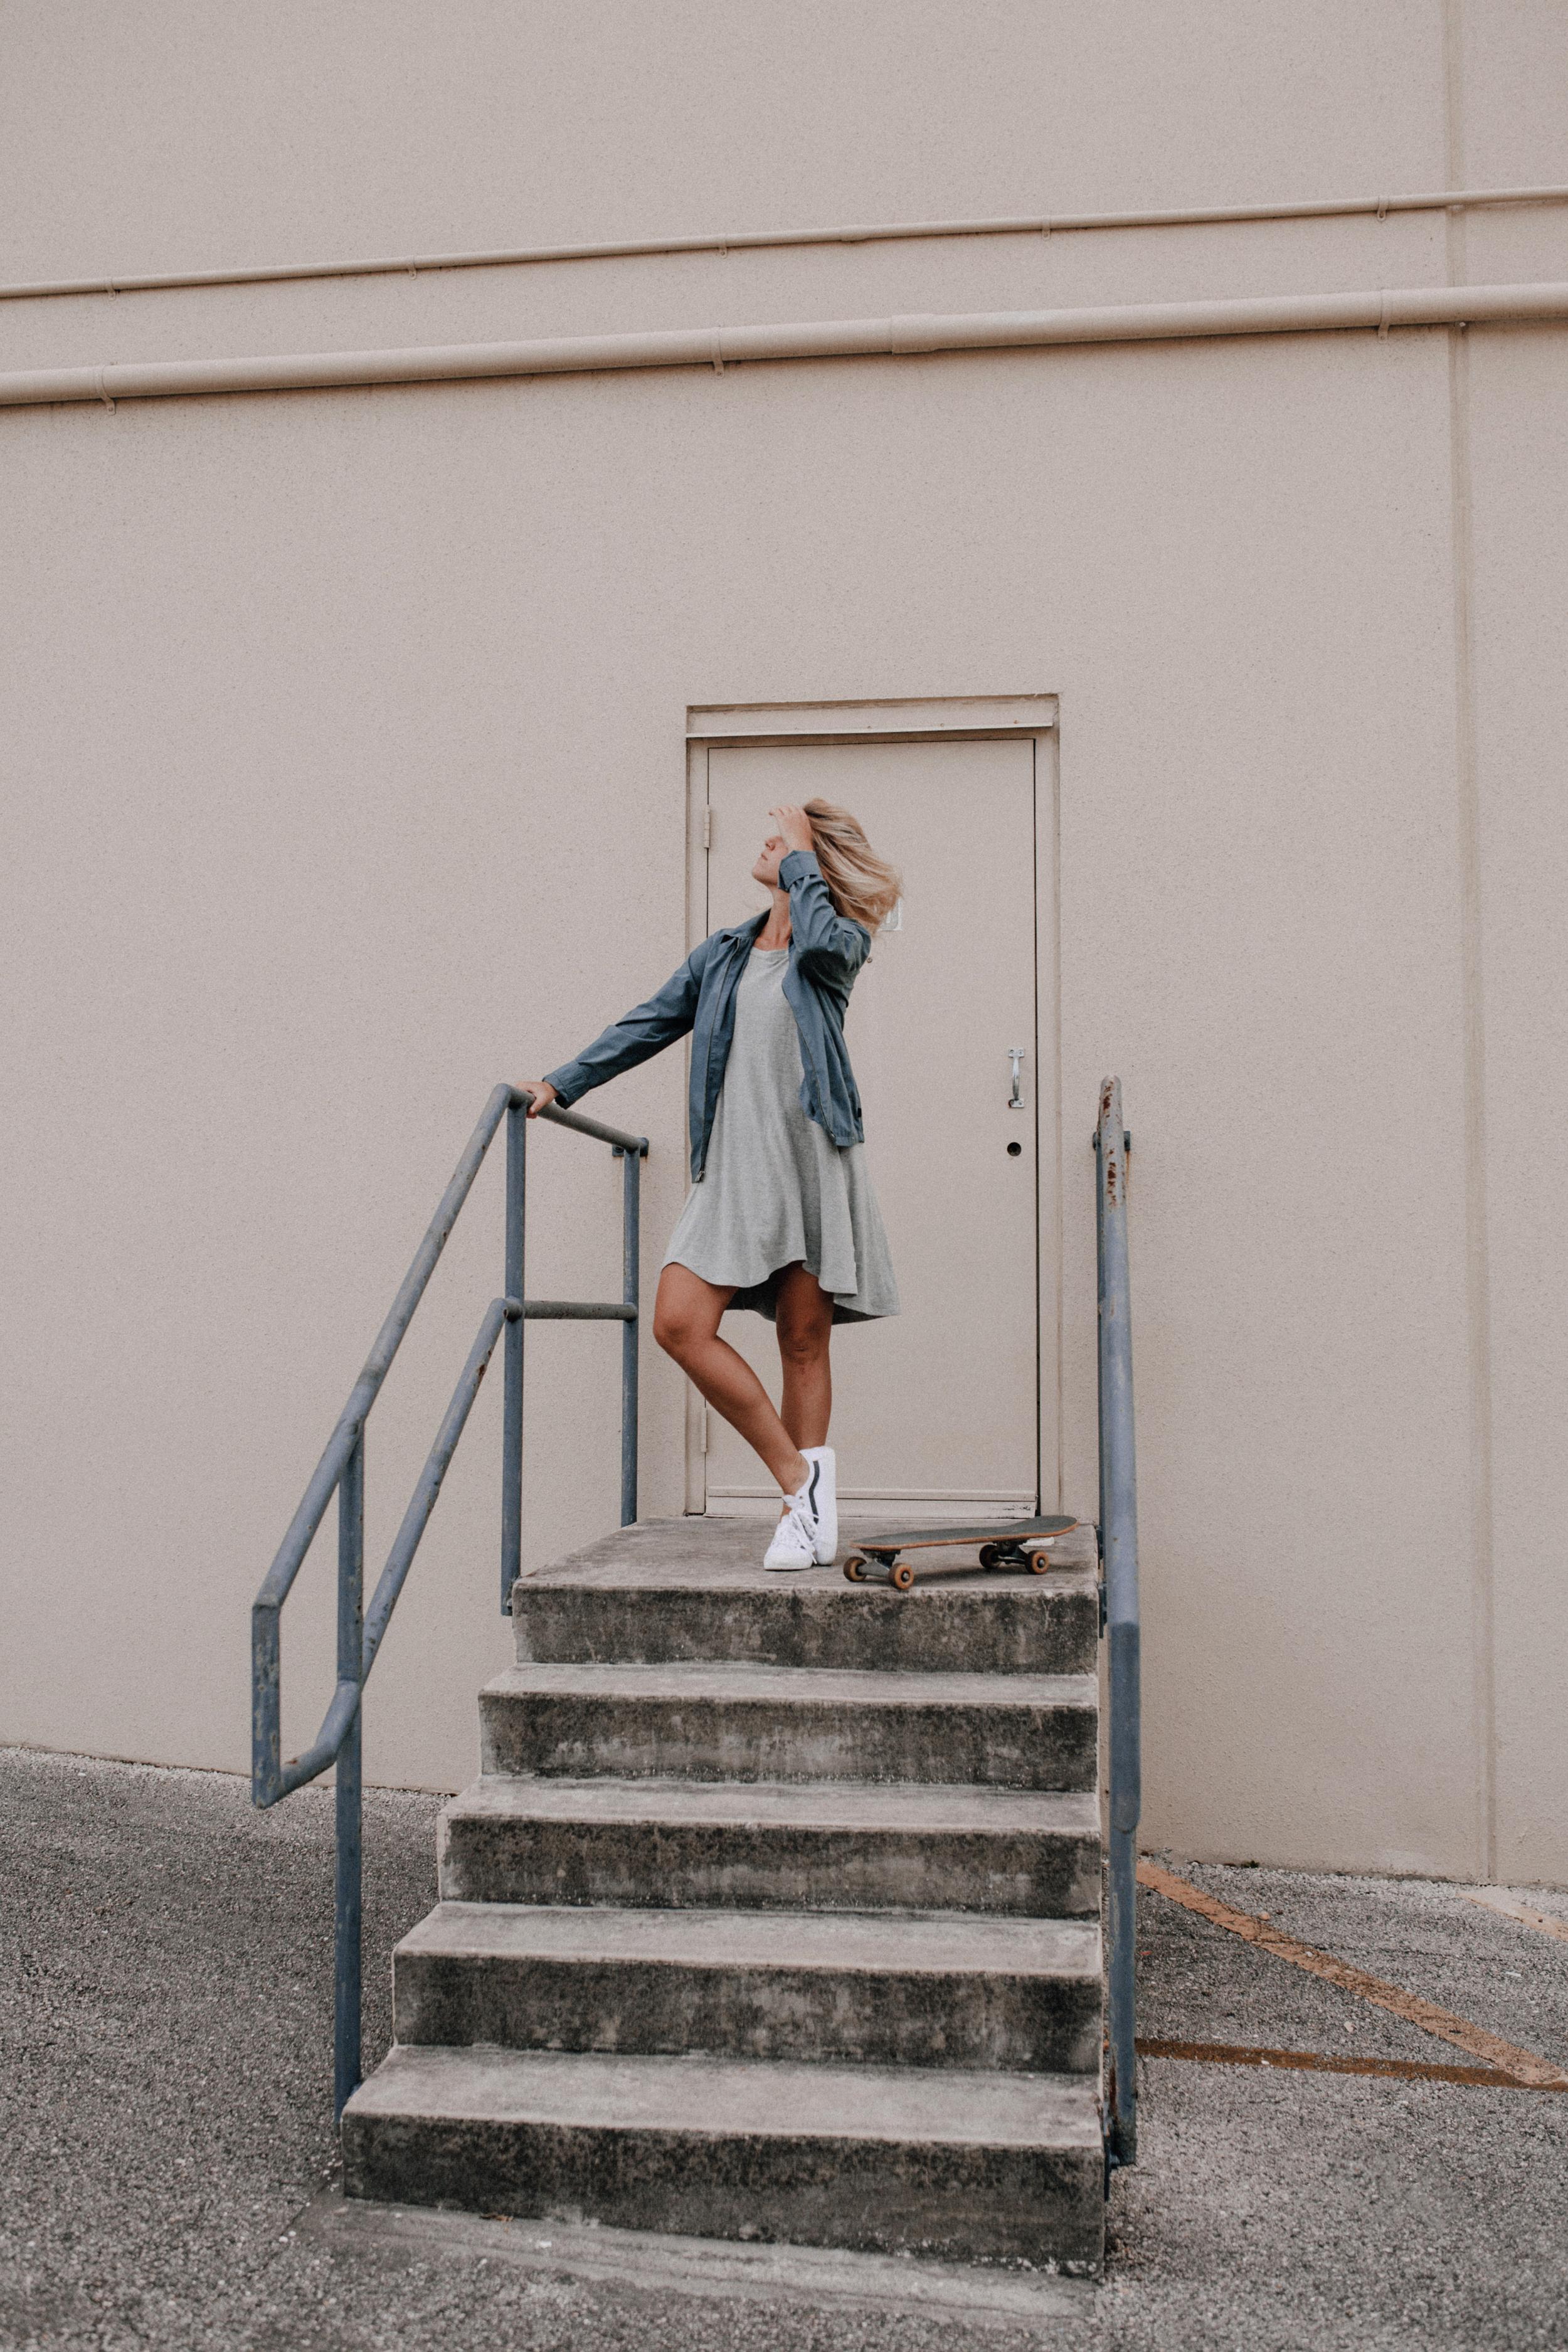 Elise_Skate-15.jpg